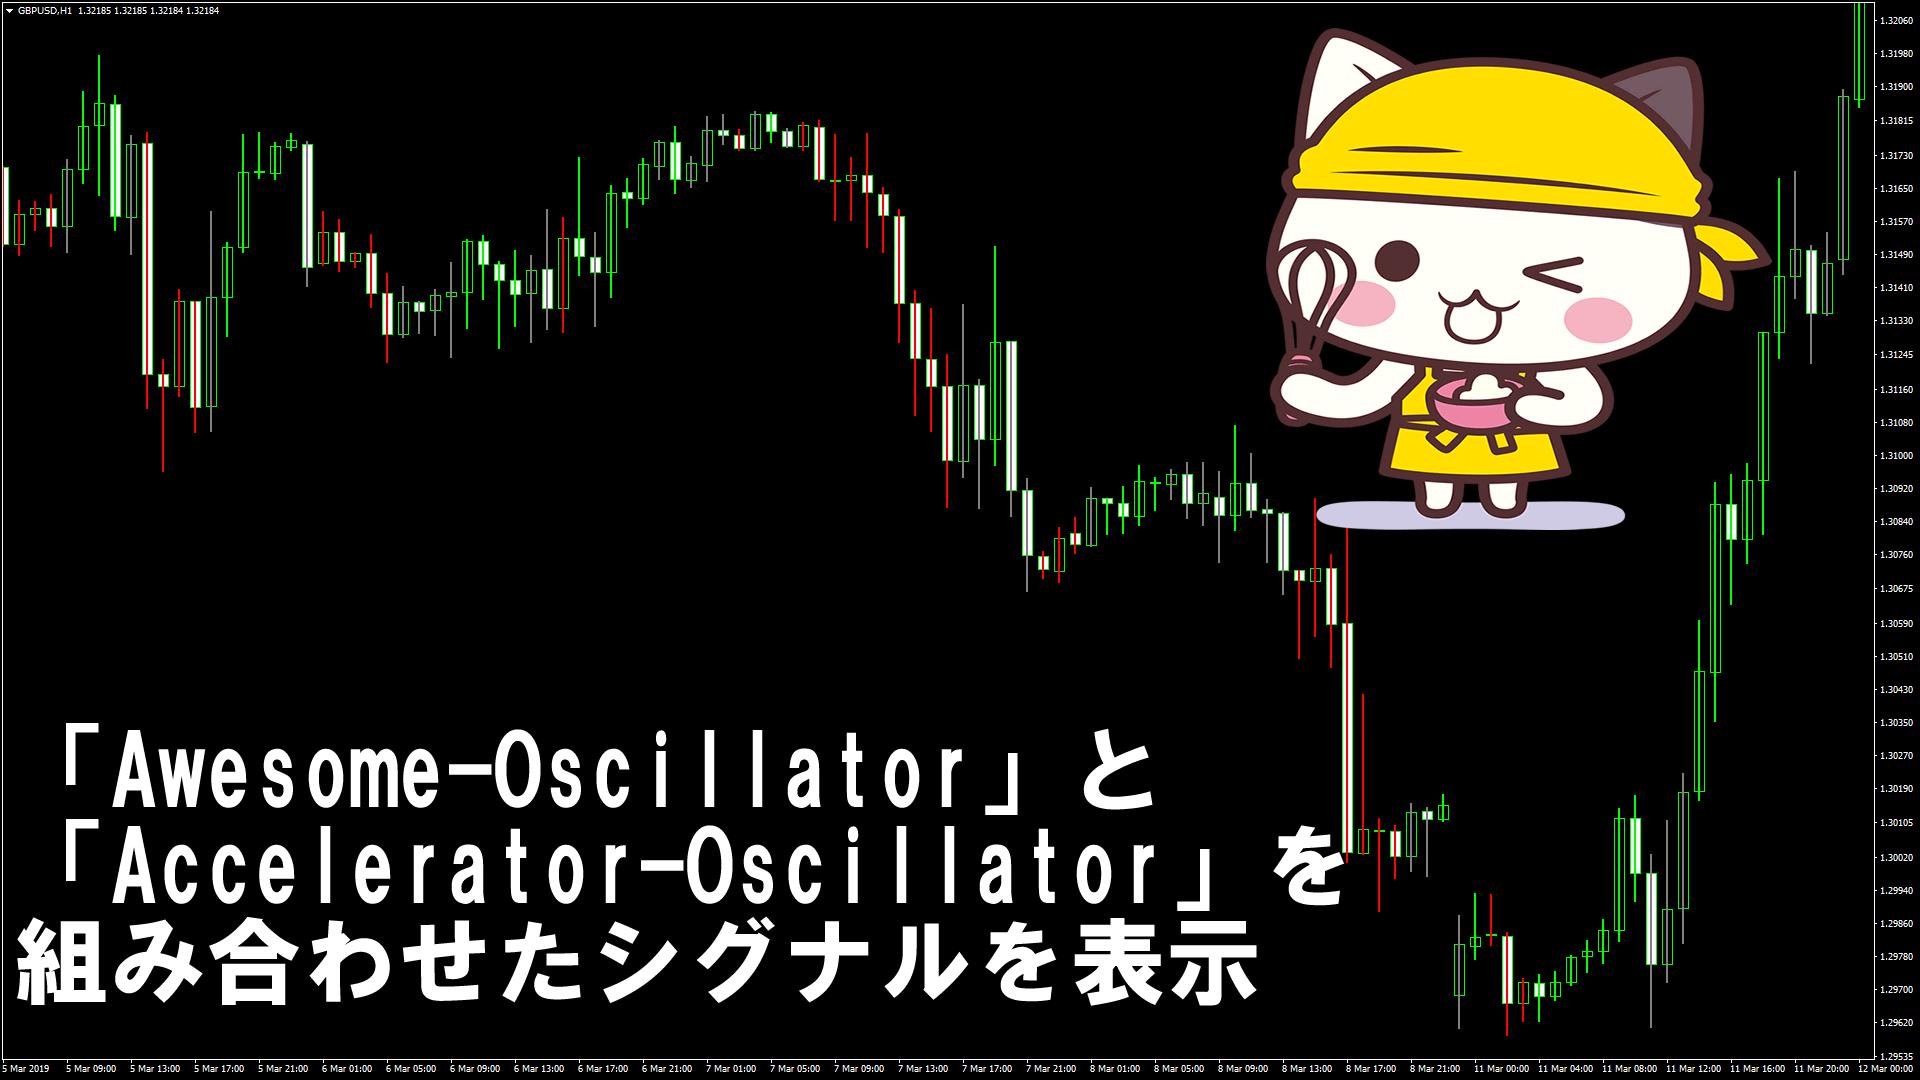 「Awesome-Oscillator」と「Accelerator-Oscillator」を組み合わせたシグナルを表示するMT4インジケーター『BW-Zone』